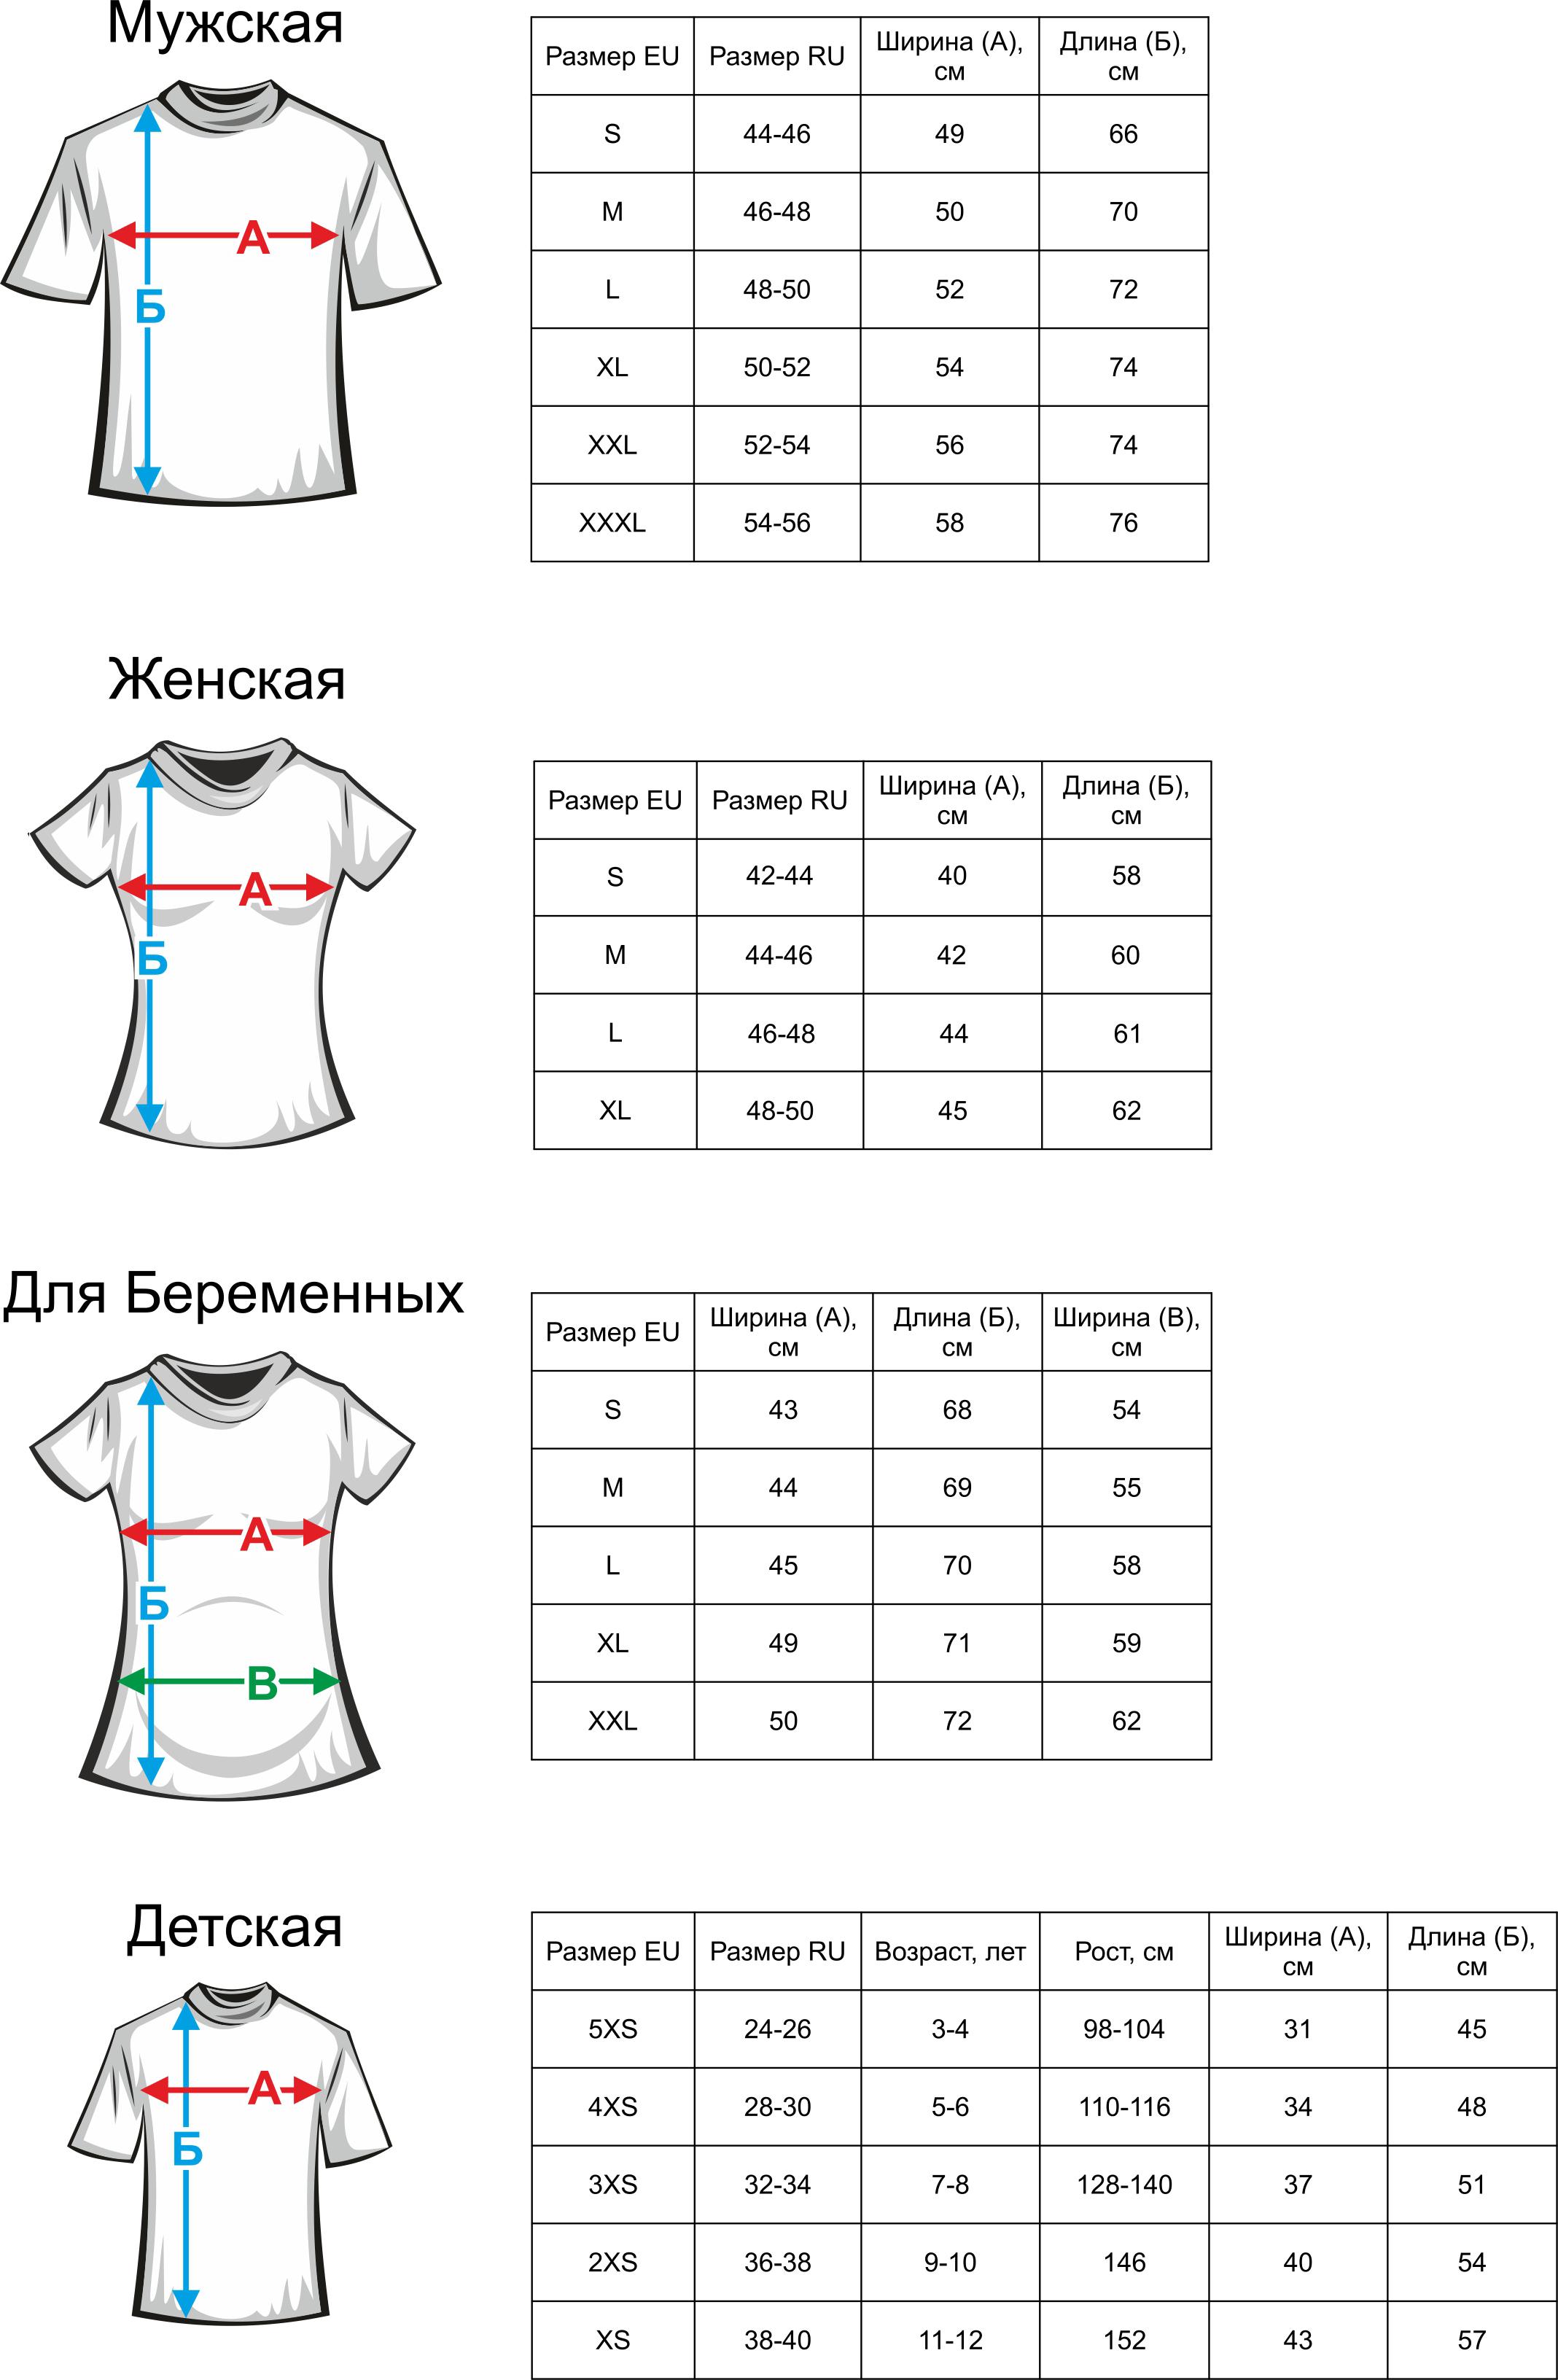 таблица размеров футболок